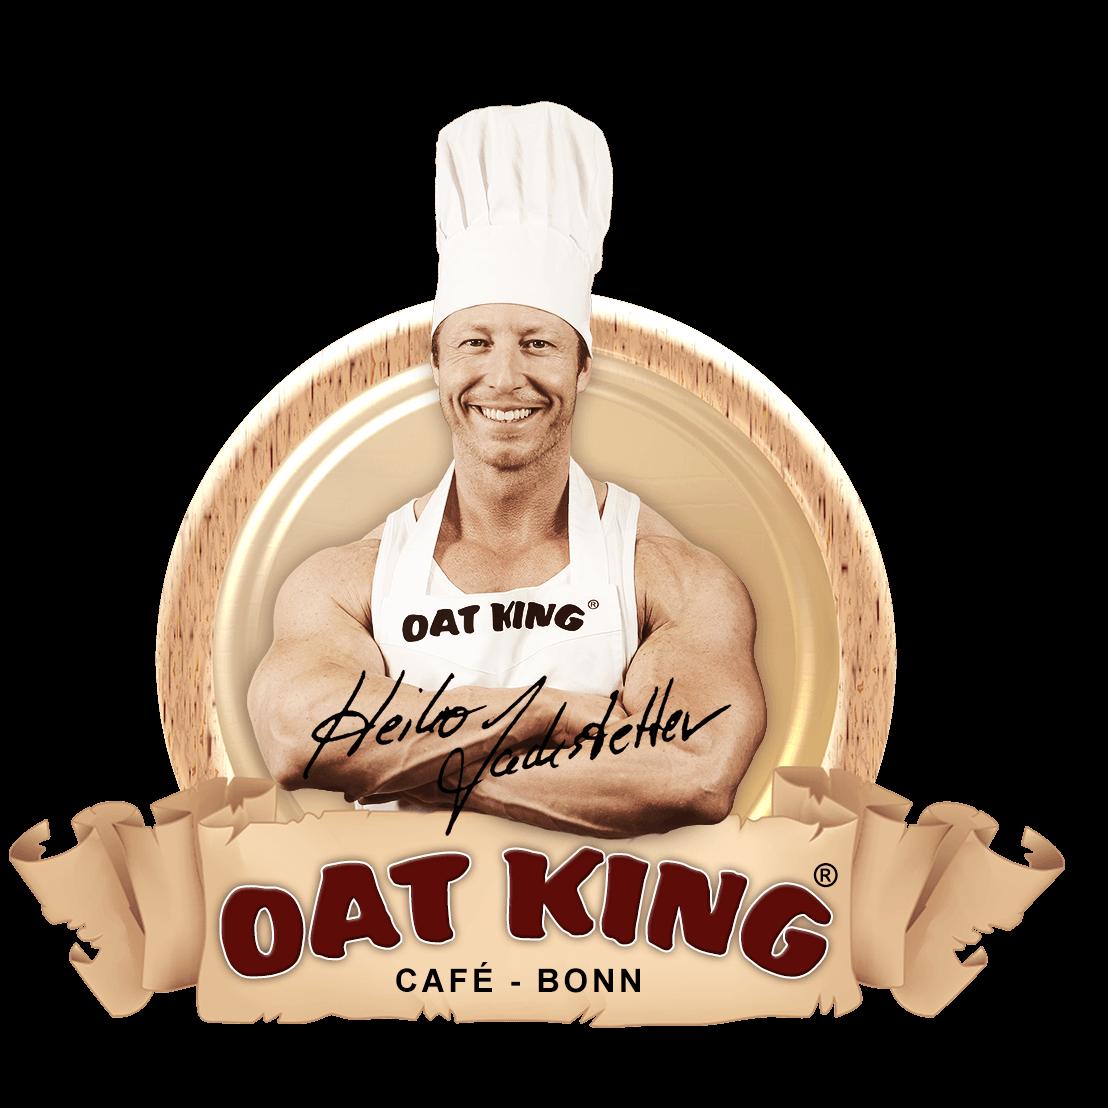 OatKing Café